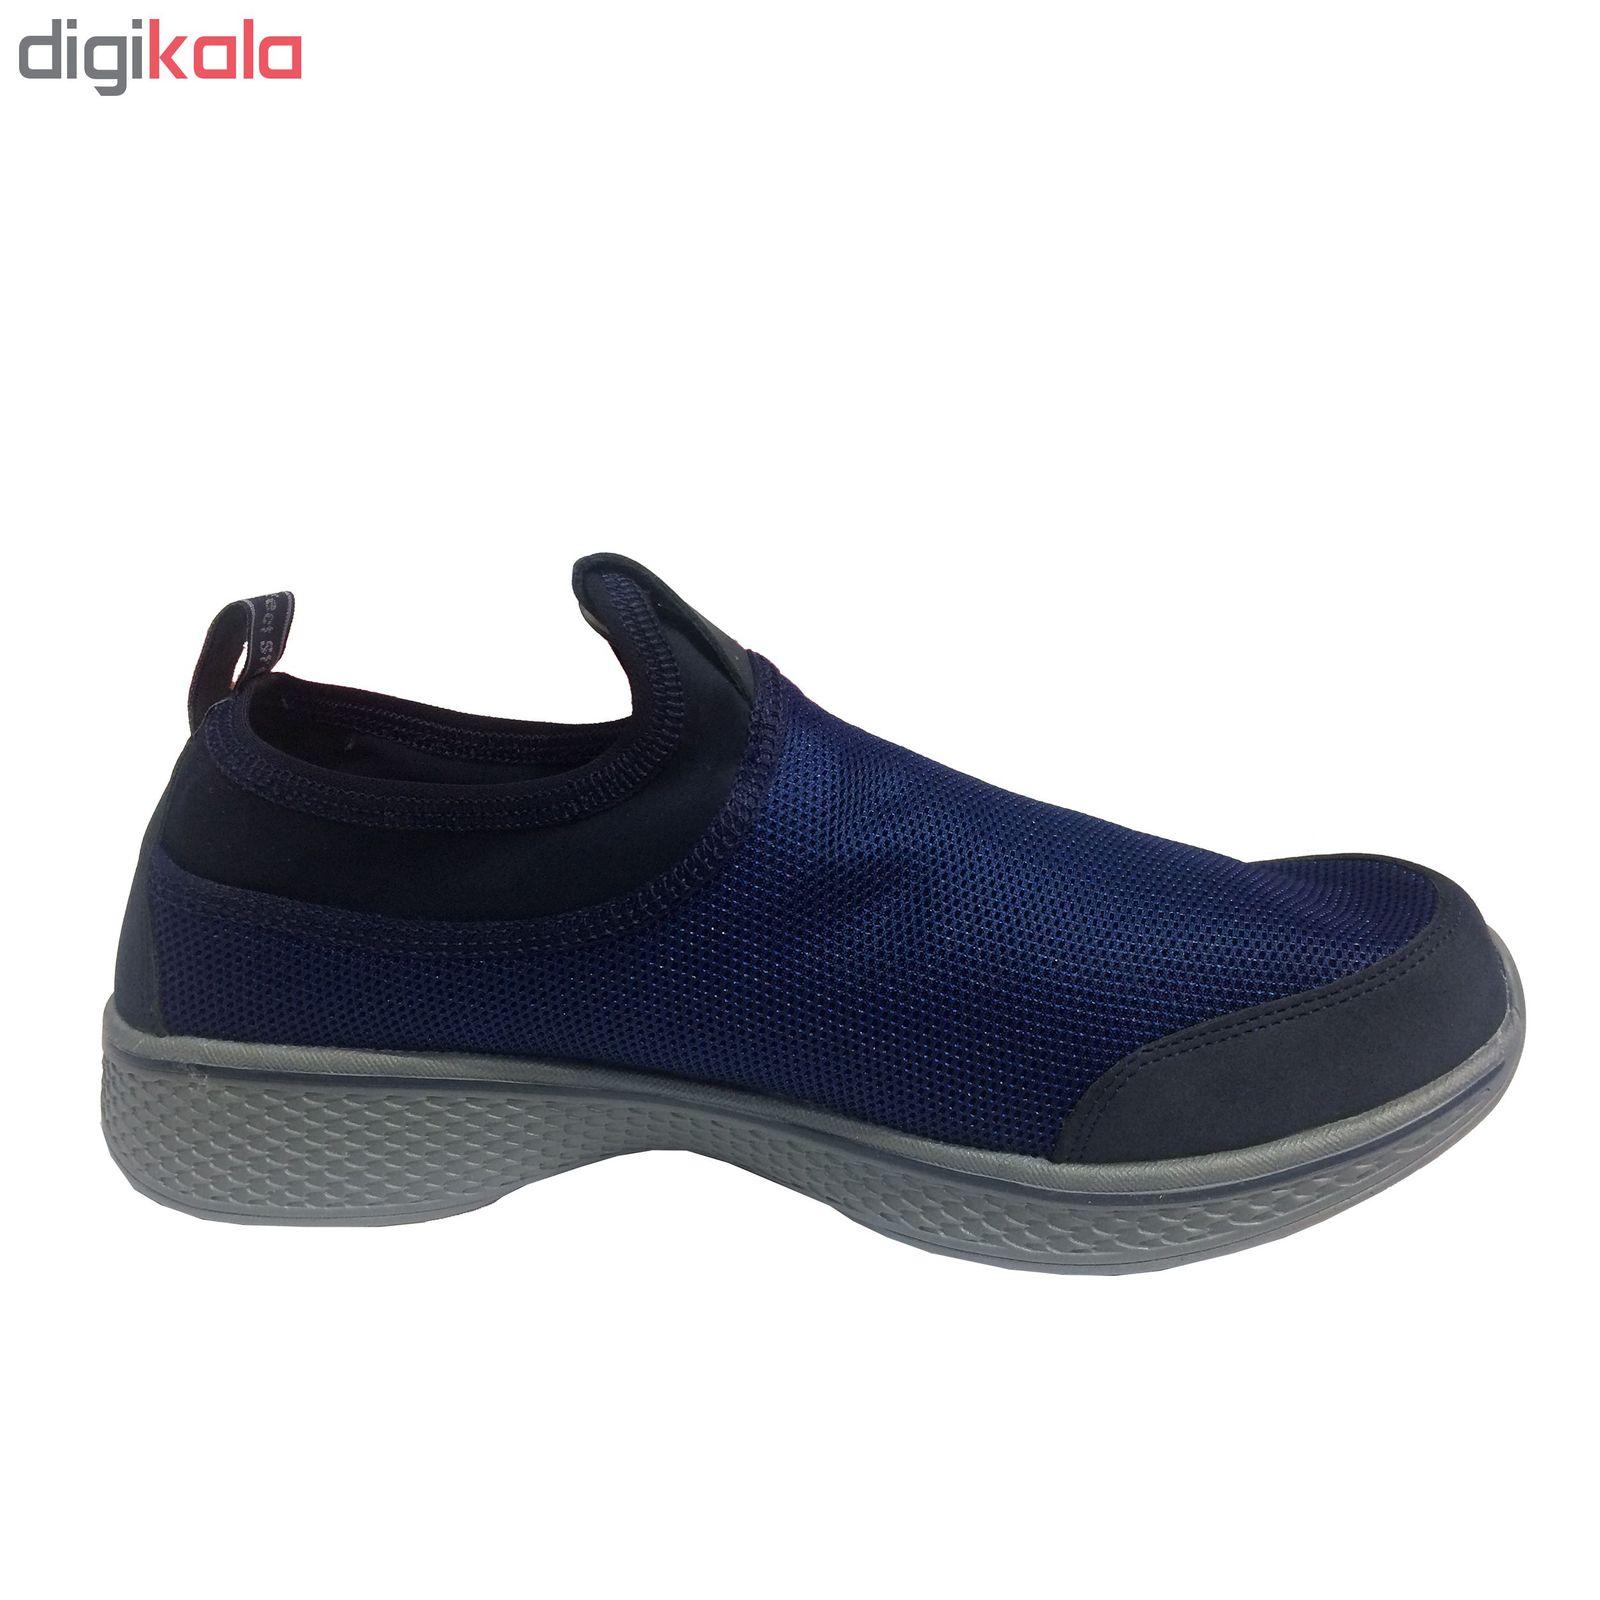 کفش مخصوص پیاده روی مردانه پرفکت استپس مدل سولو کد 1-1940 main 1 4